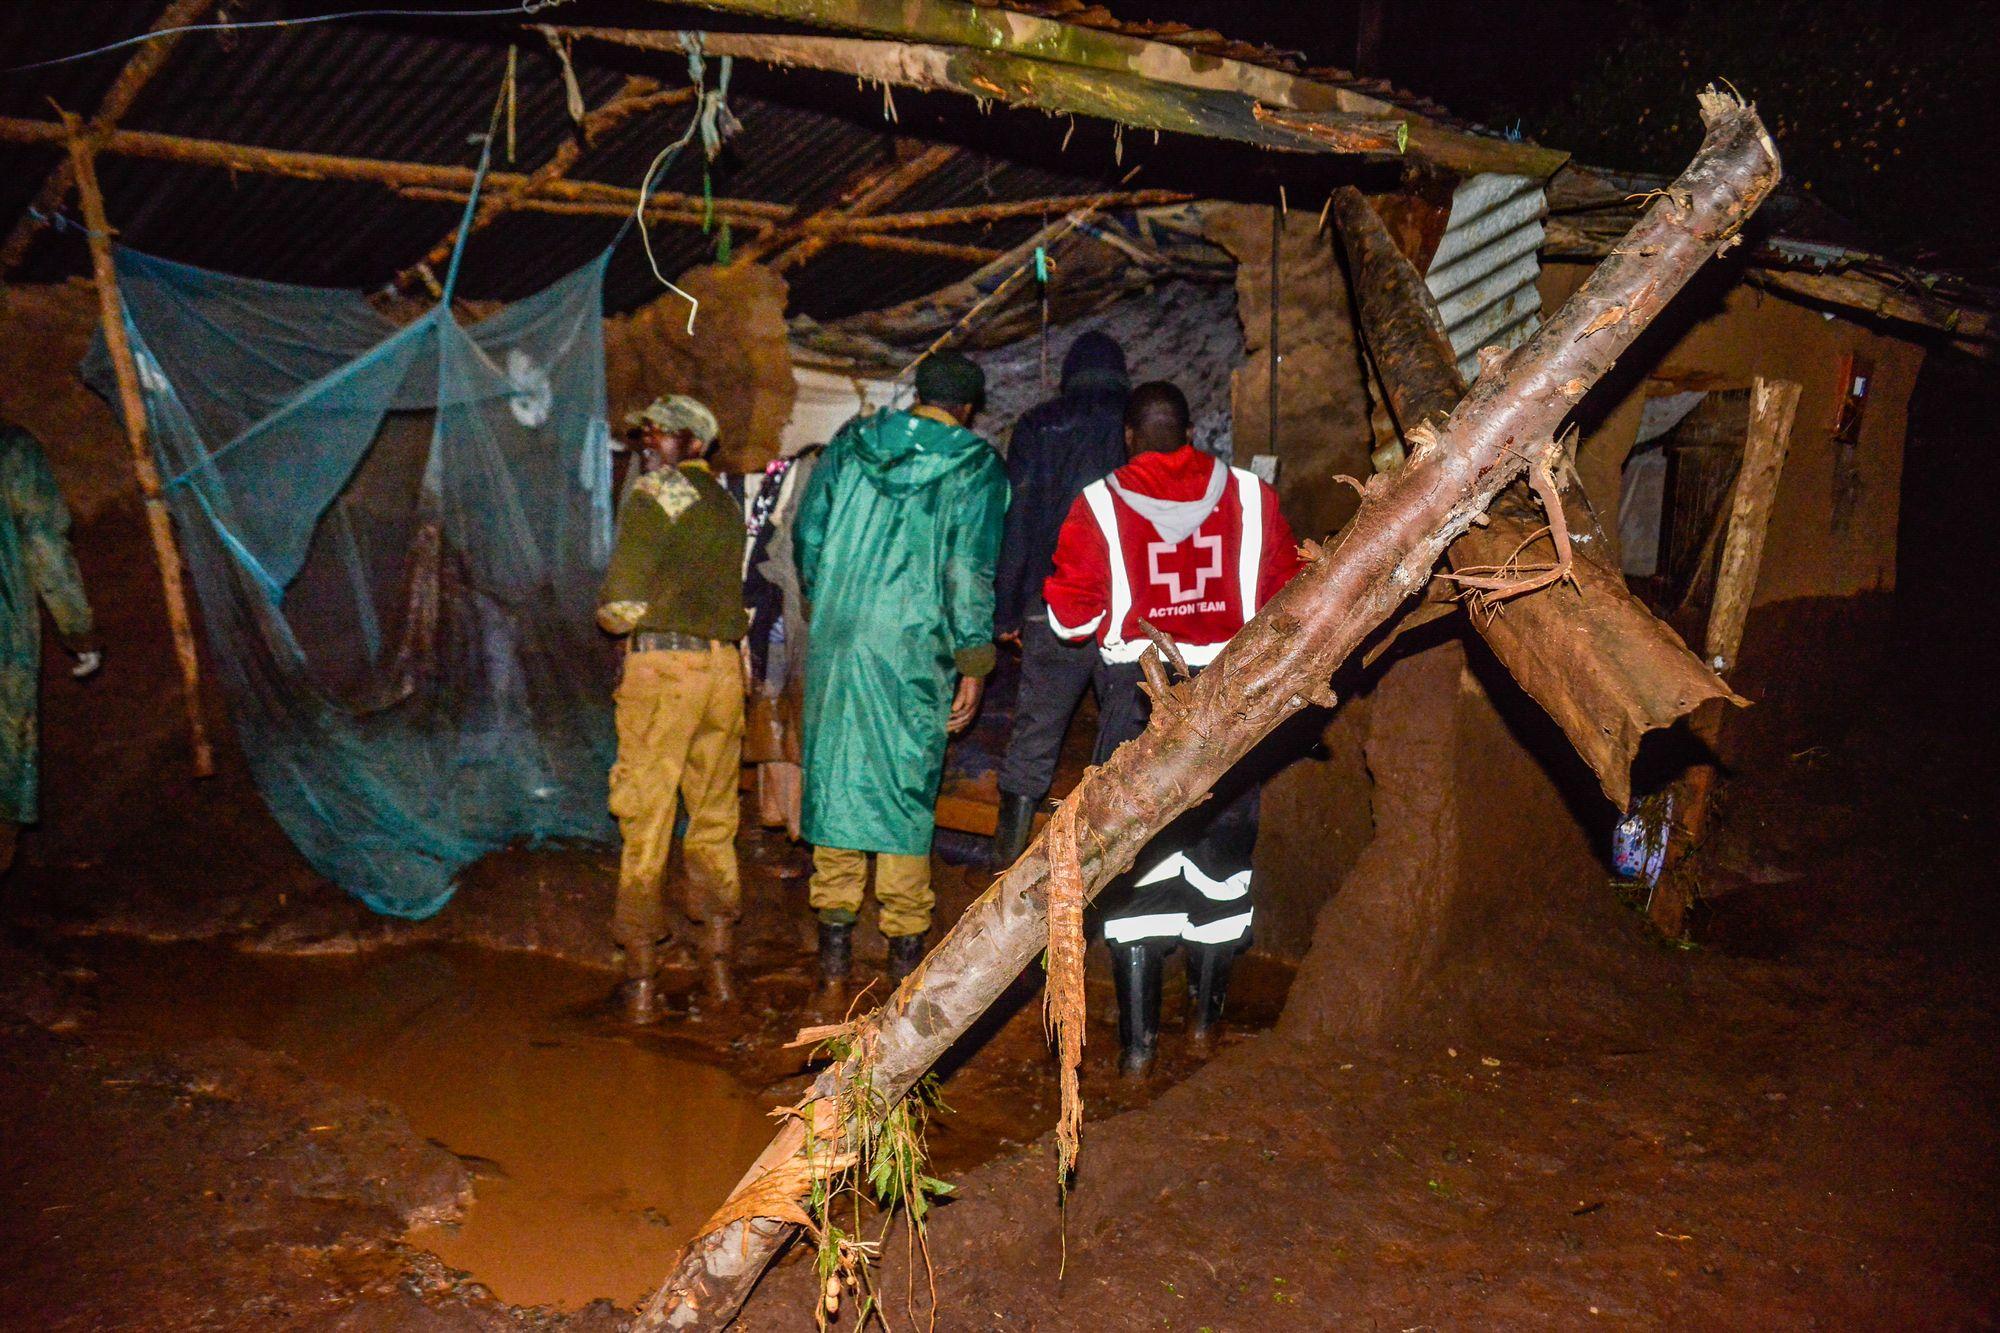 La rupture d'un barrage fait au moins 20 morts — Kenya